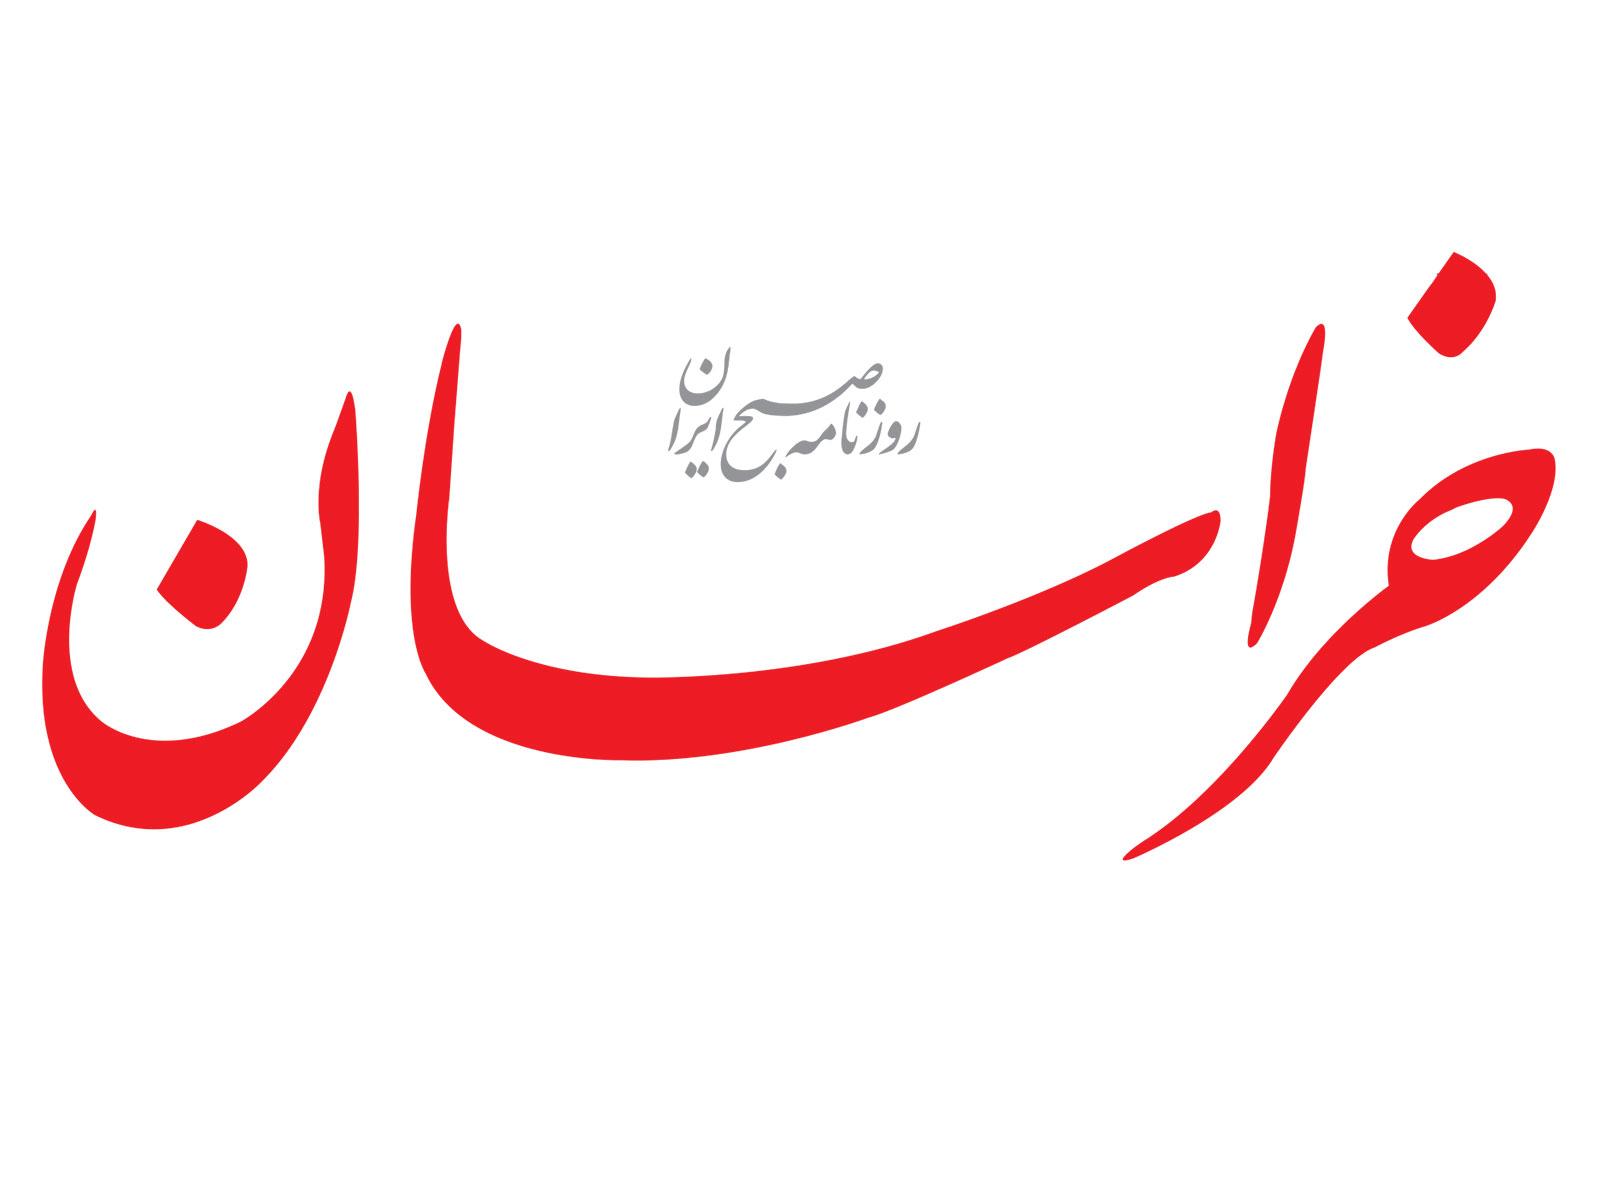 سرمقاله خراسان/ مخاطرات روزگار بدون حکیمان